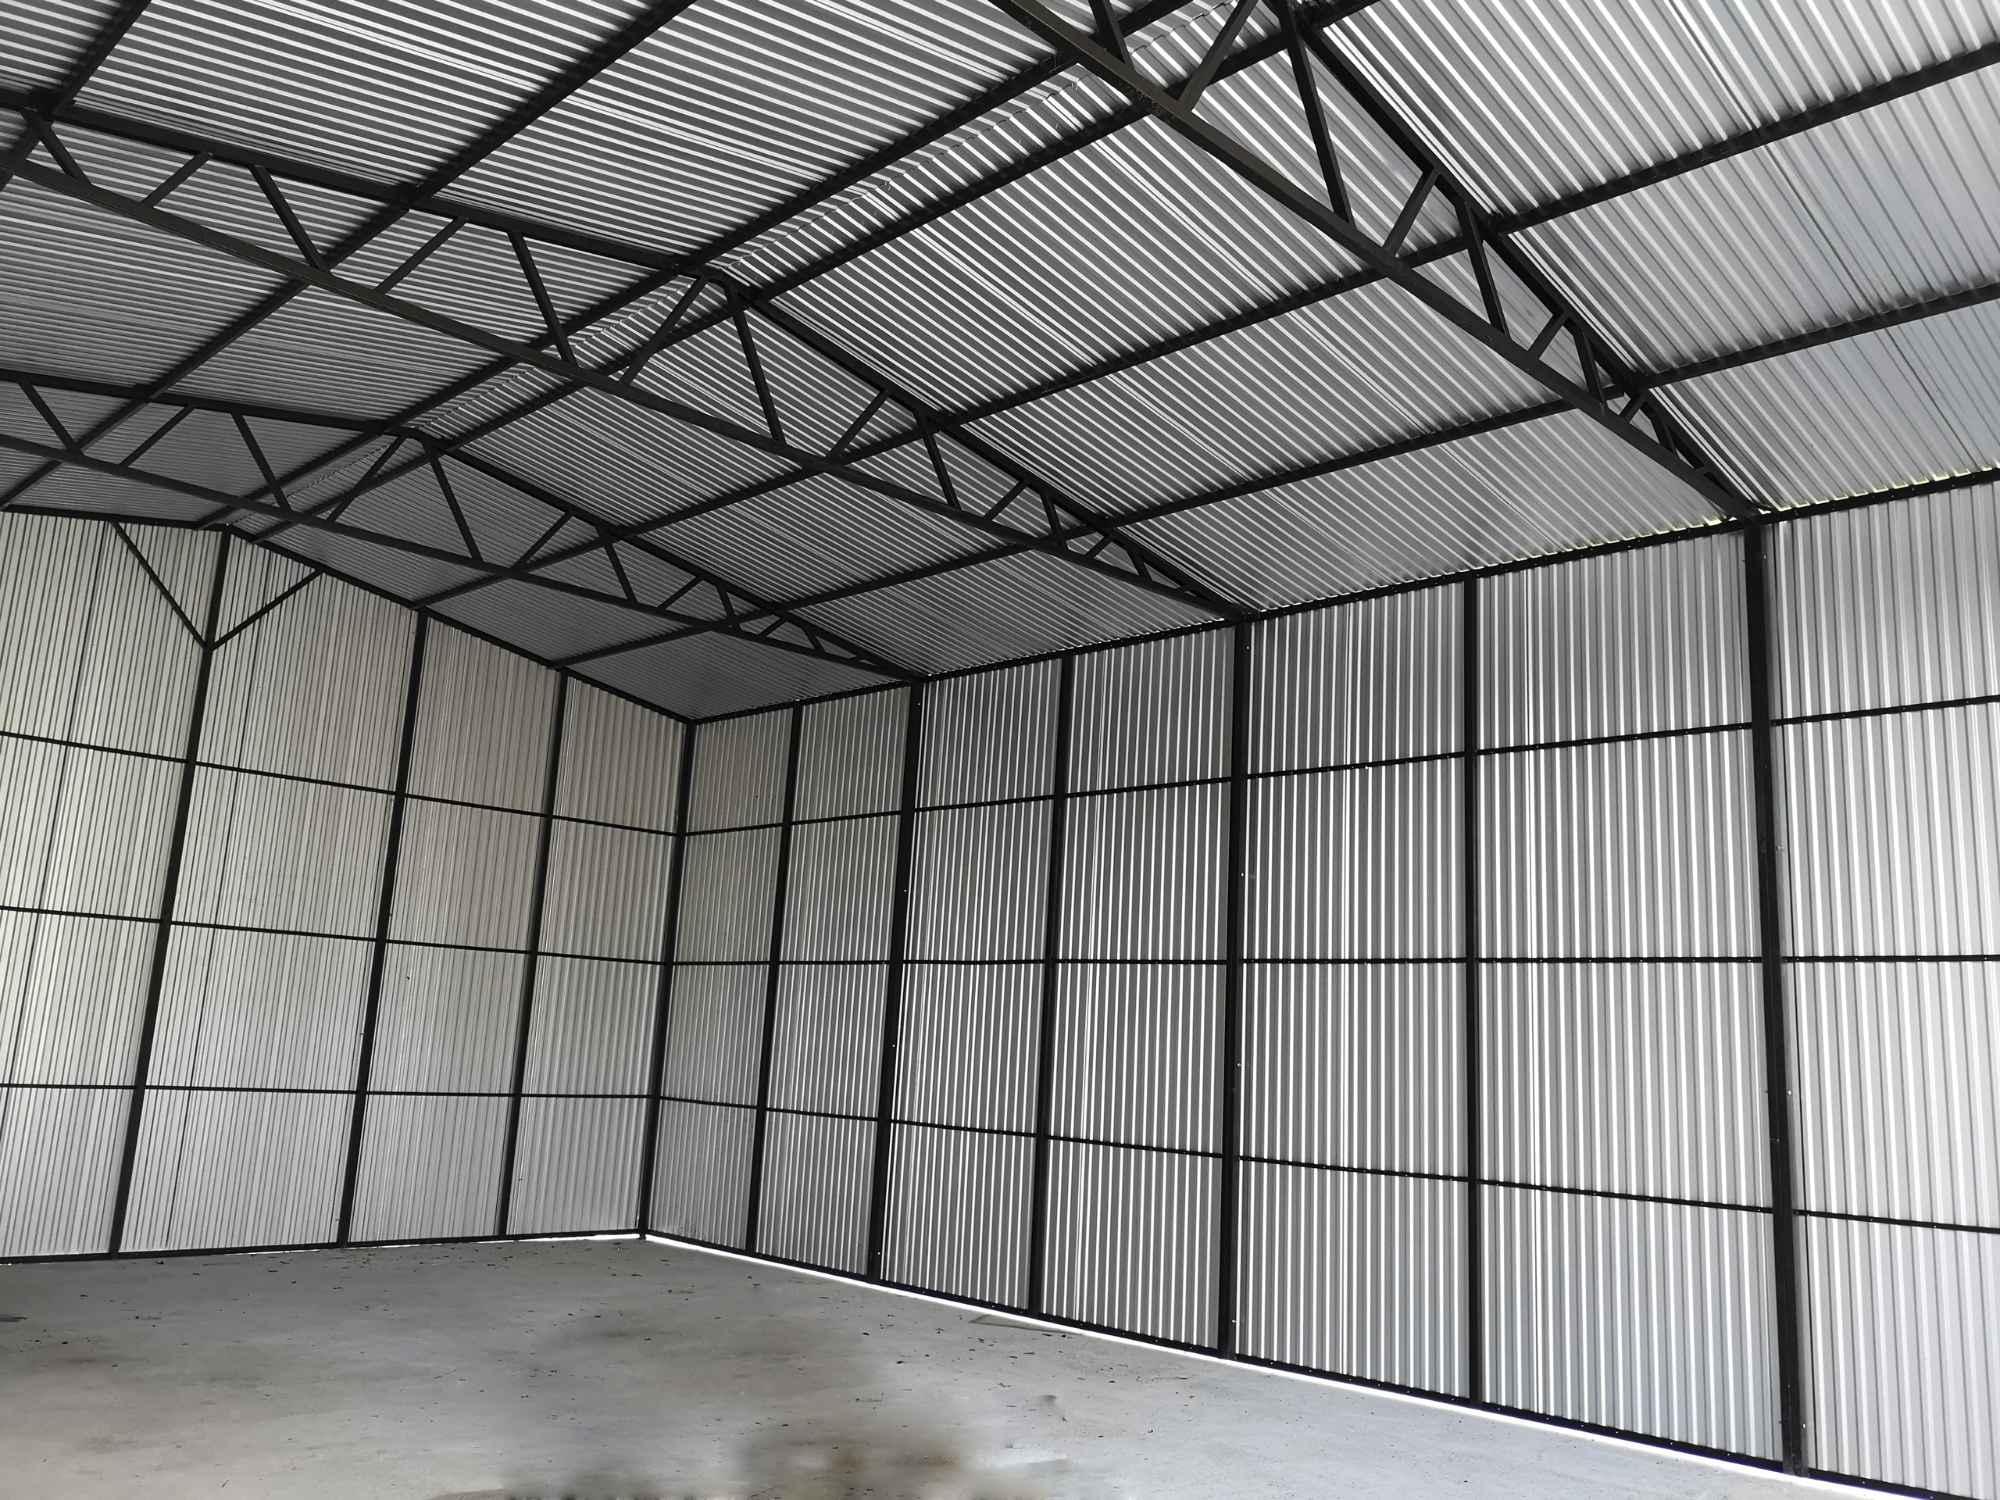 Garaż, Hala blaszana dwuspadowa 12x8 m trzy bramy, okna, drzwi, okucia Bochnia - zdjęcie 4